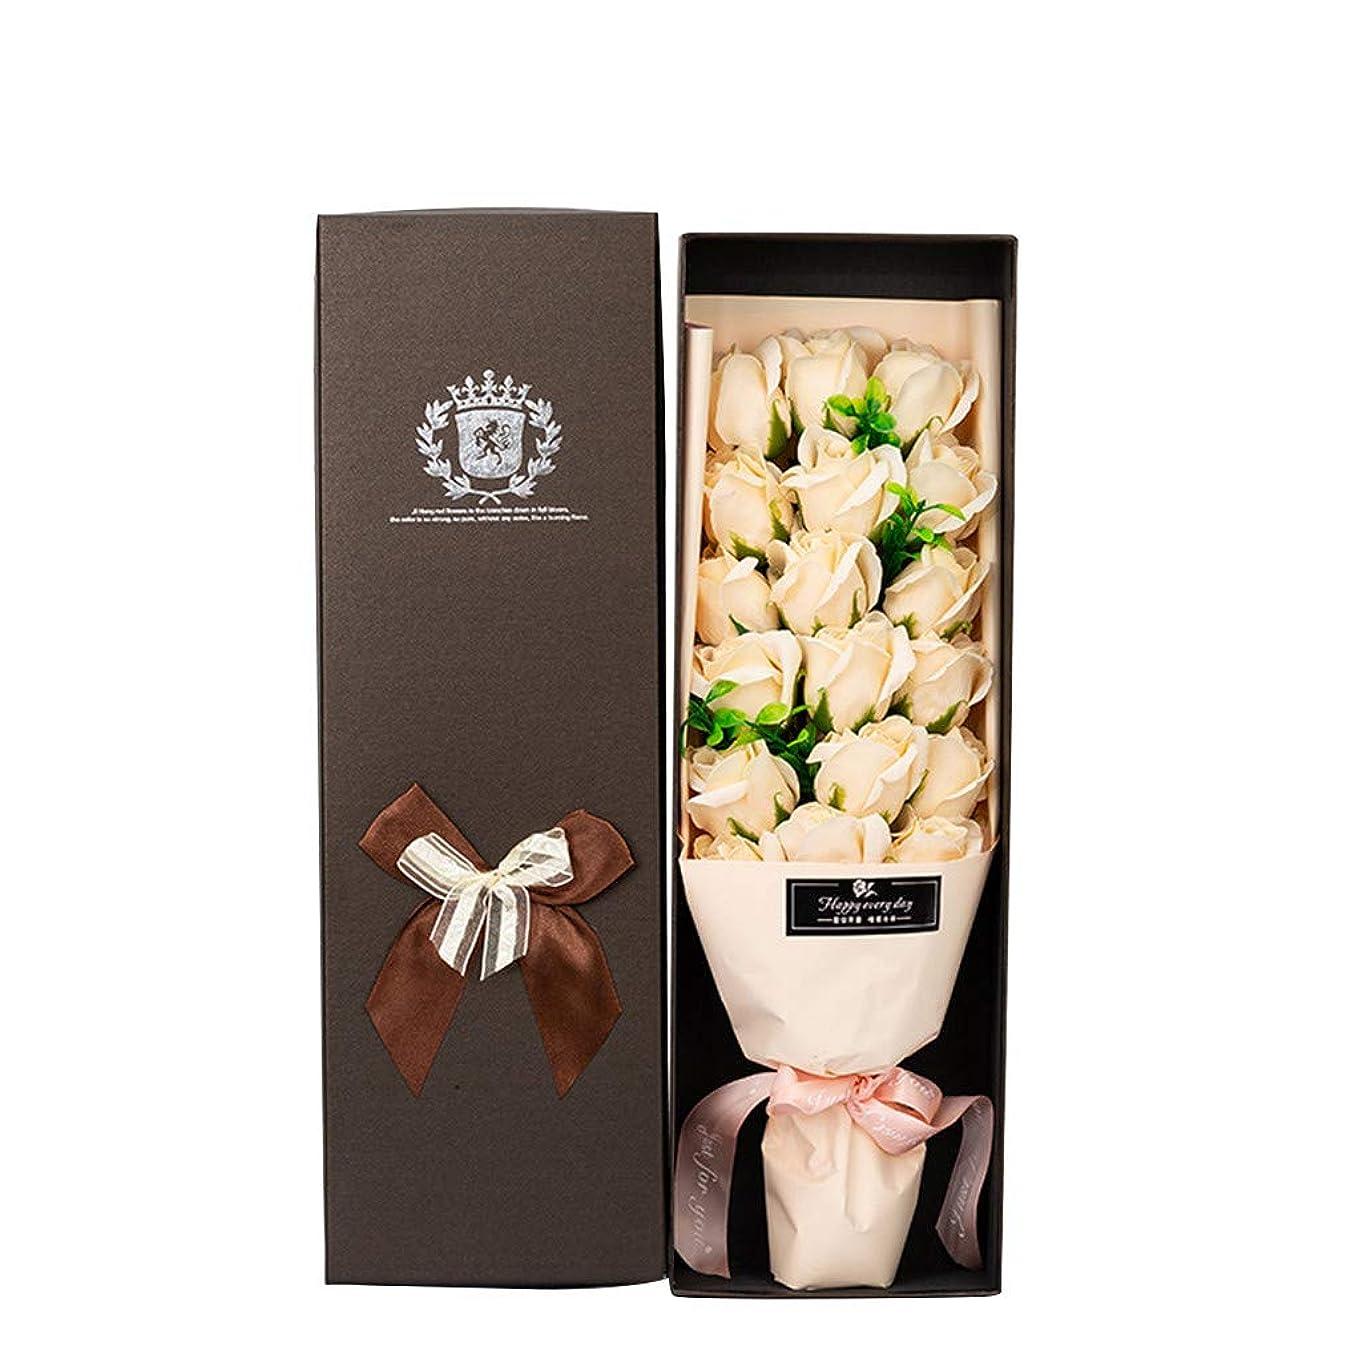 光沢のある扇動指令造花 枯れない花 ソープローズ フラワー ジュエリー 収納 ギフト ボックス バレンタイン/母の日 ギフト 18本セット